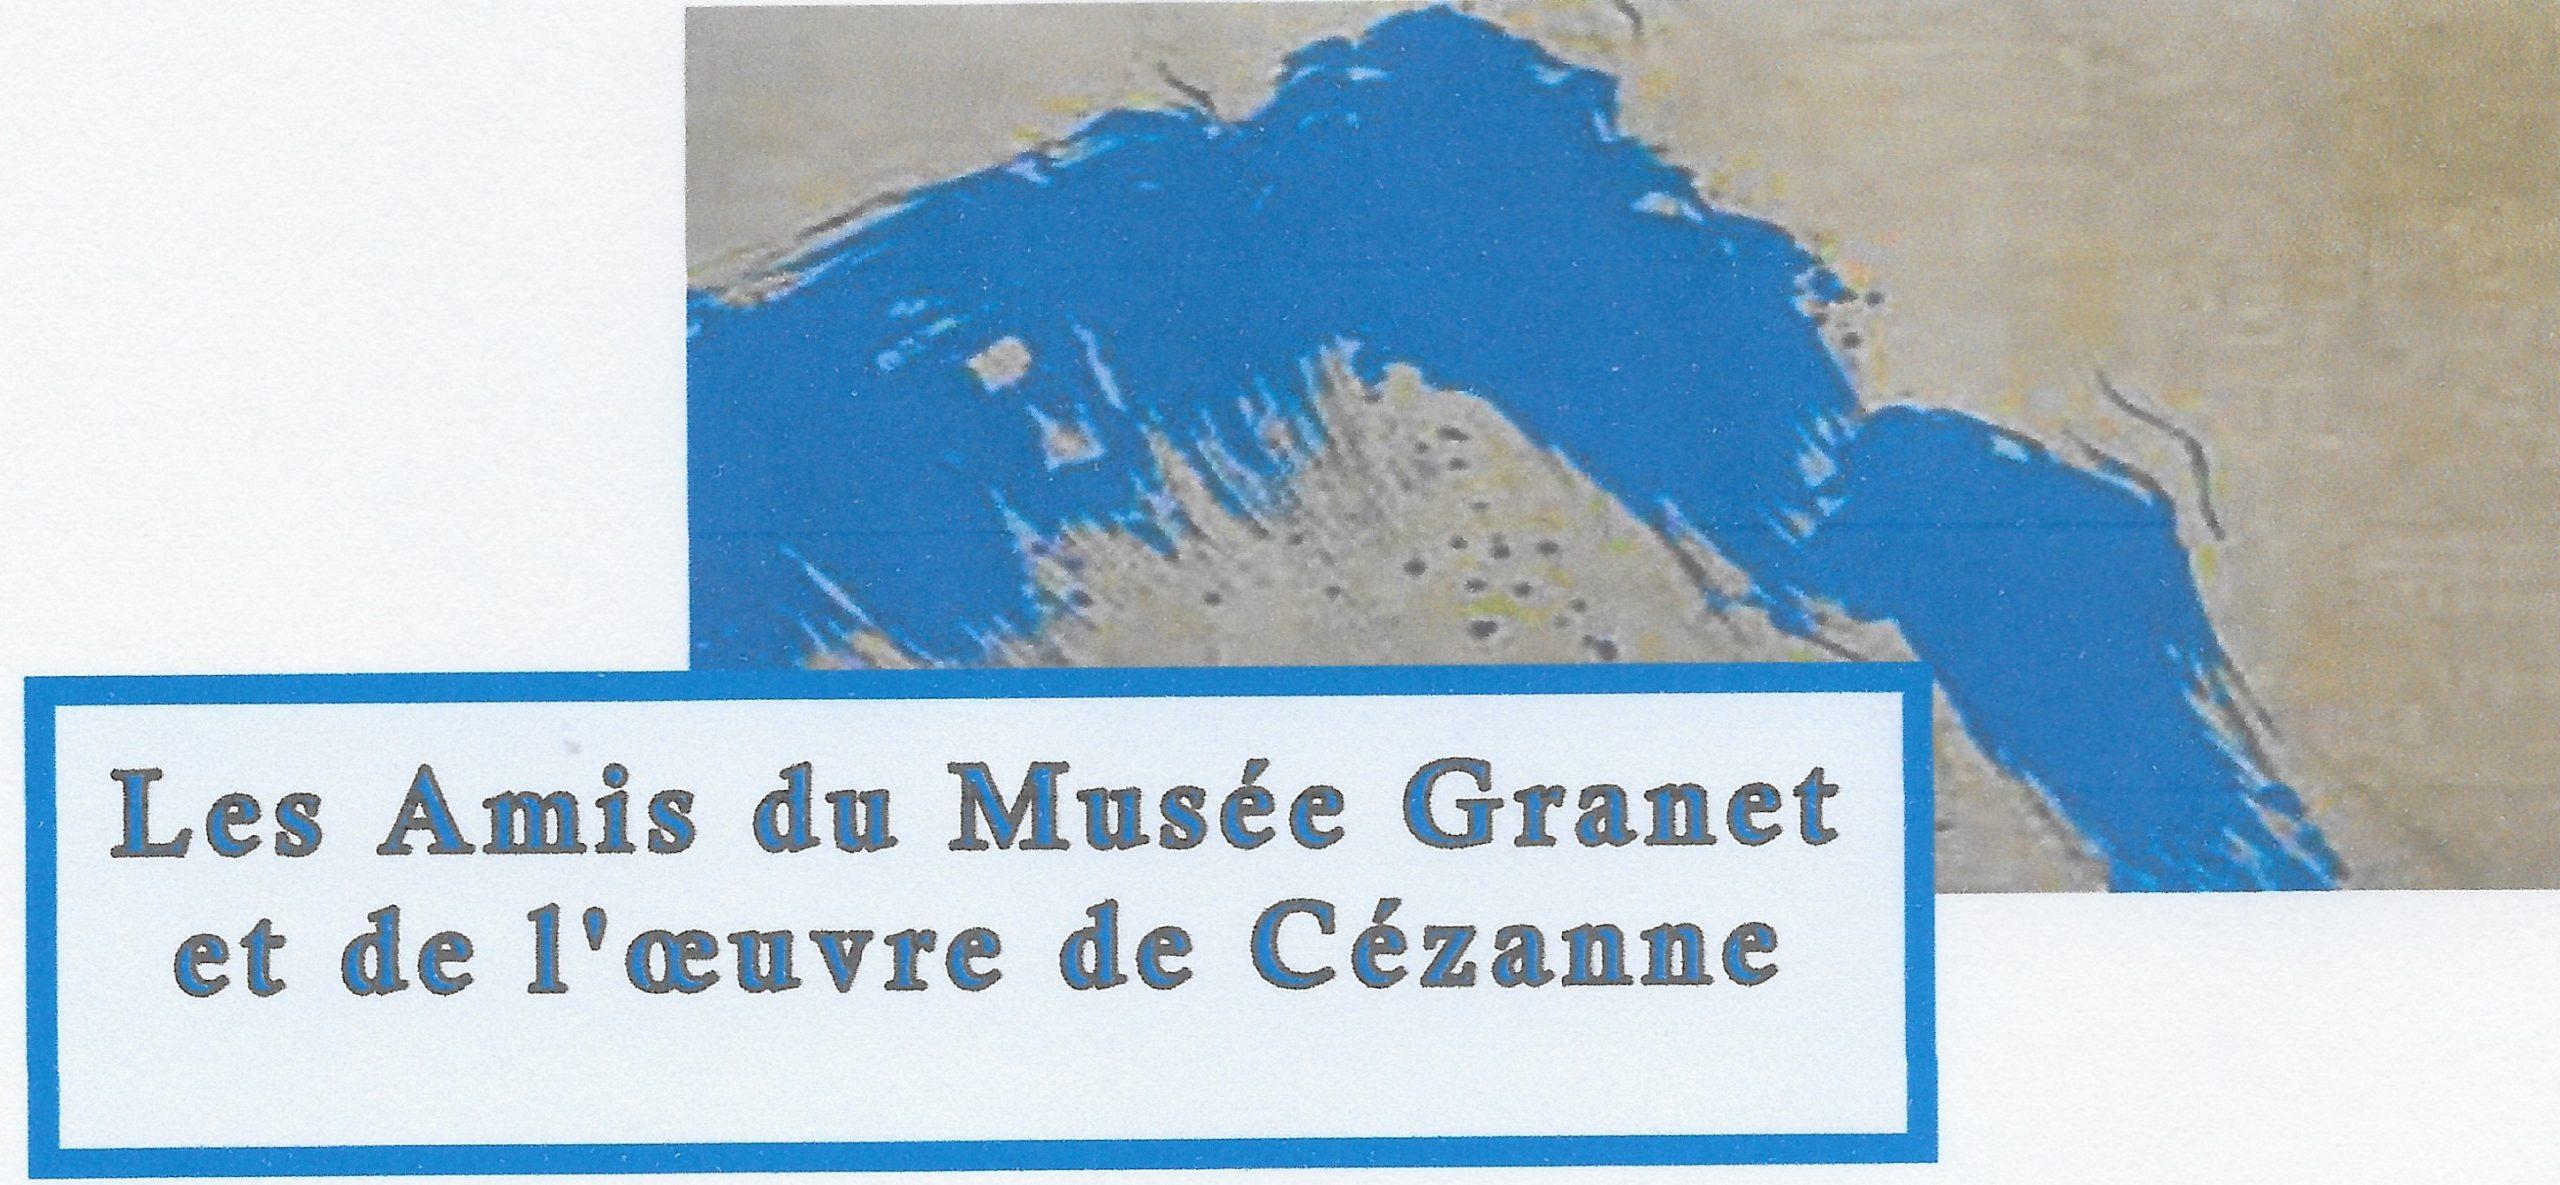 Amis du Musée Granet et de l'oeuvre de Cezanne